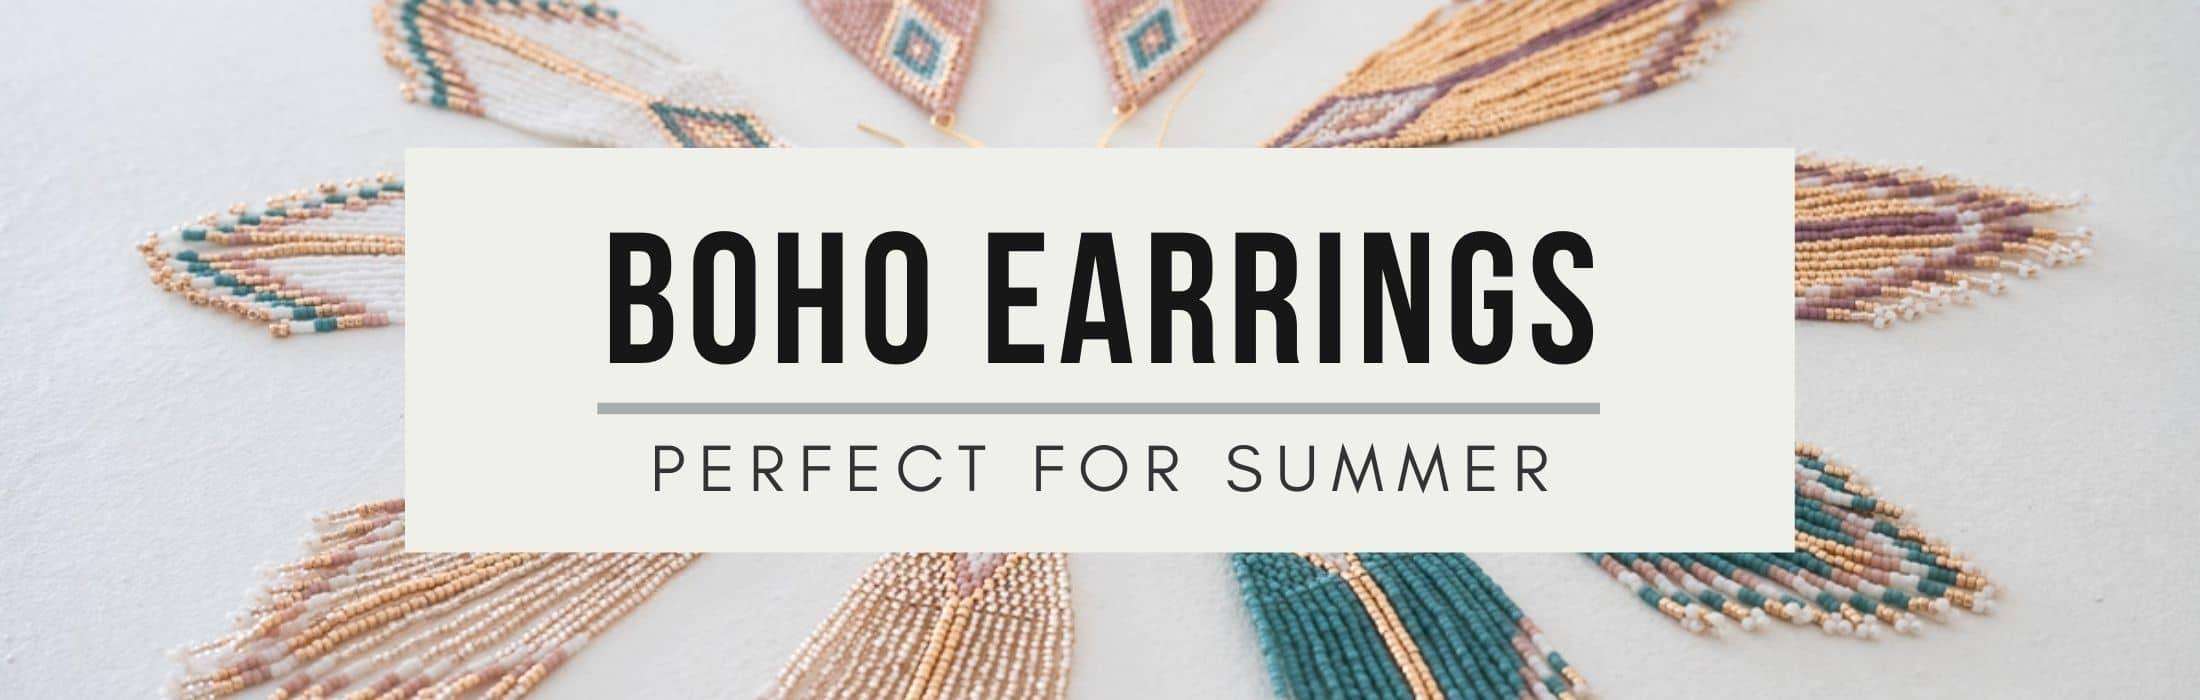 Boho Beaded Earrings for Summer